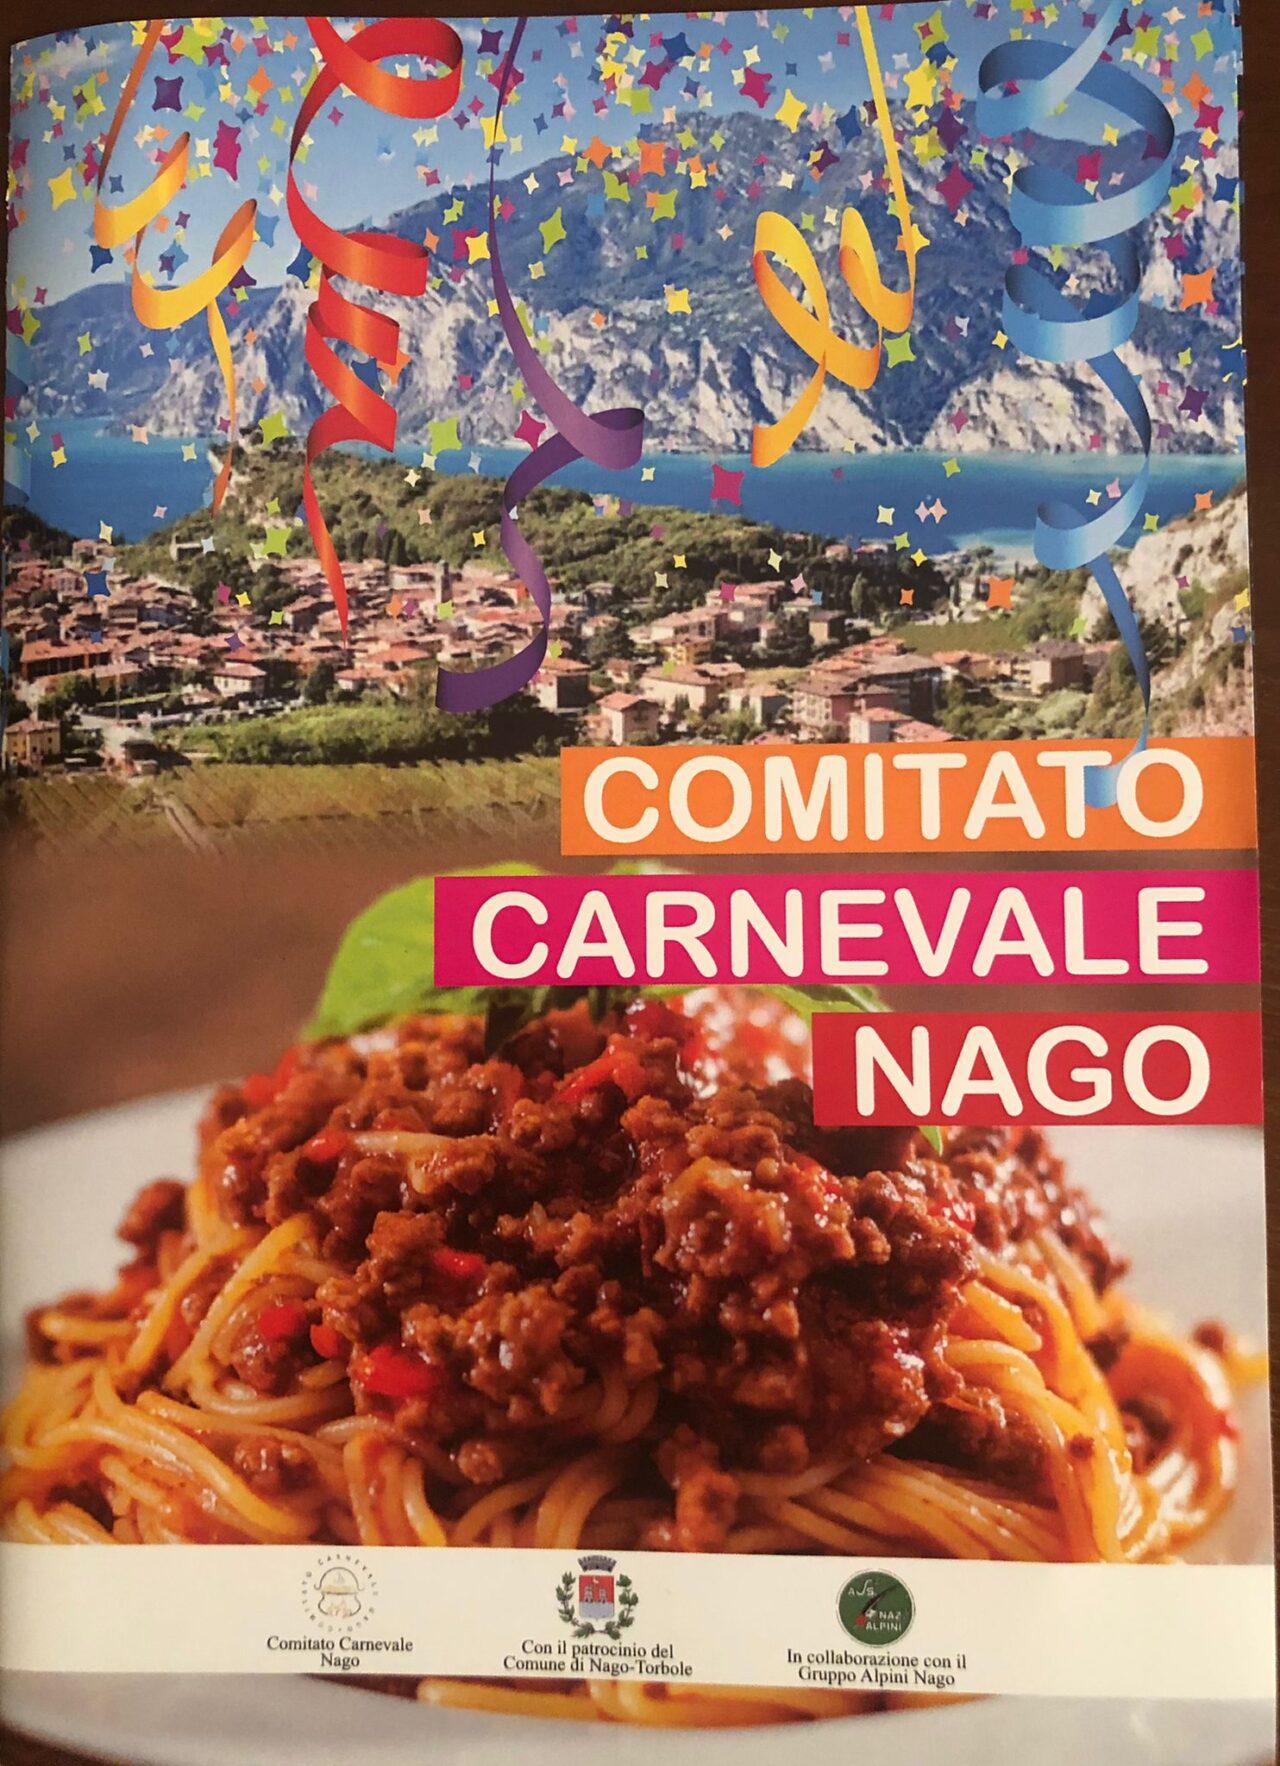 CARNEVALE NAGO IMG-20210210-WA0010